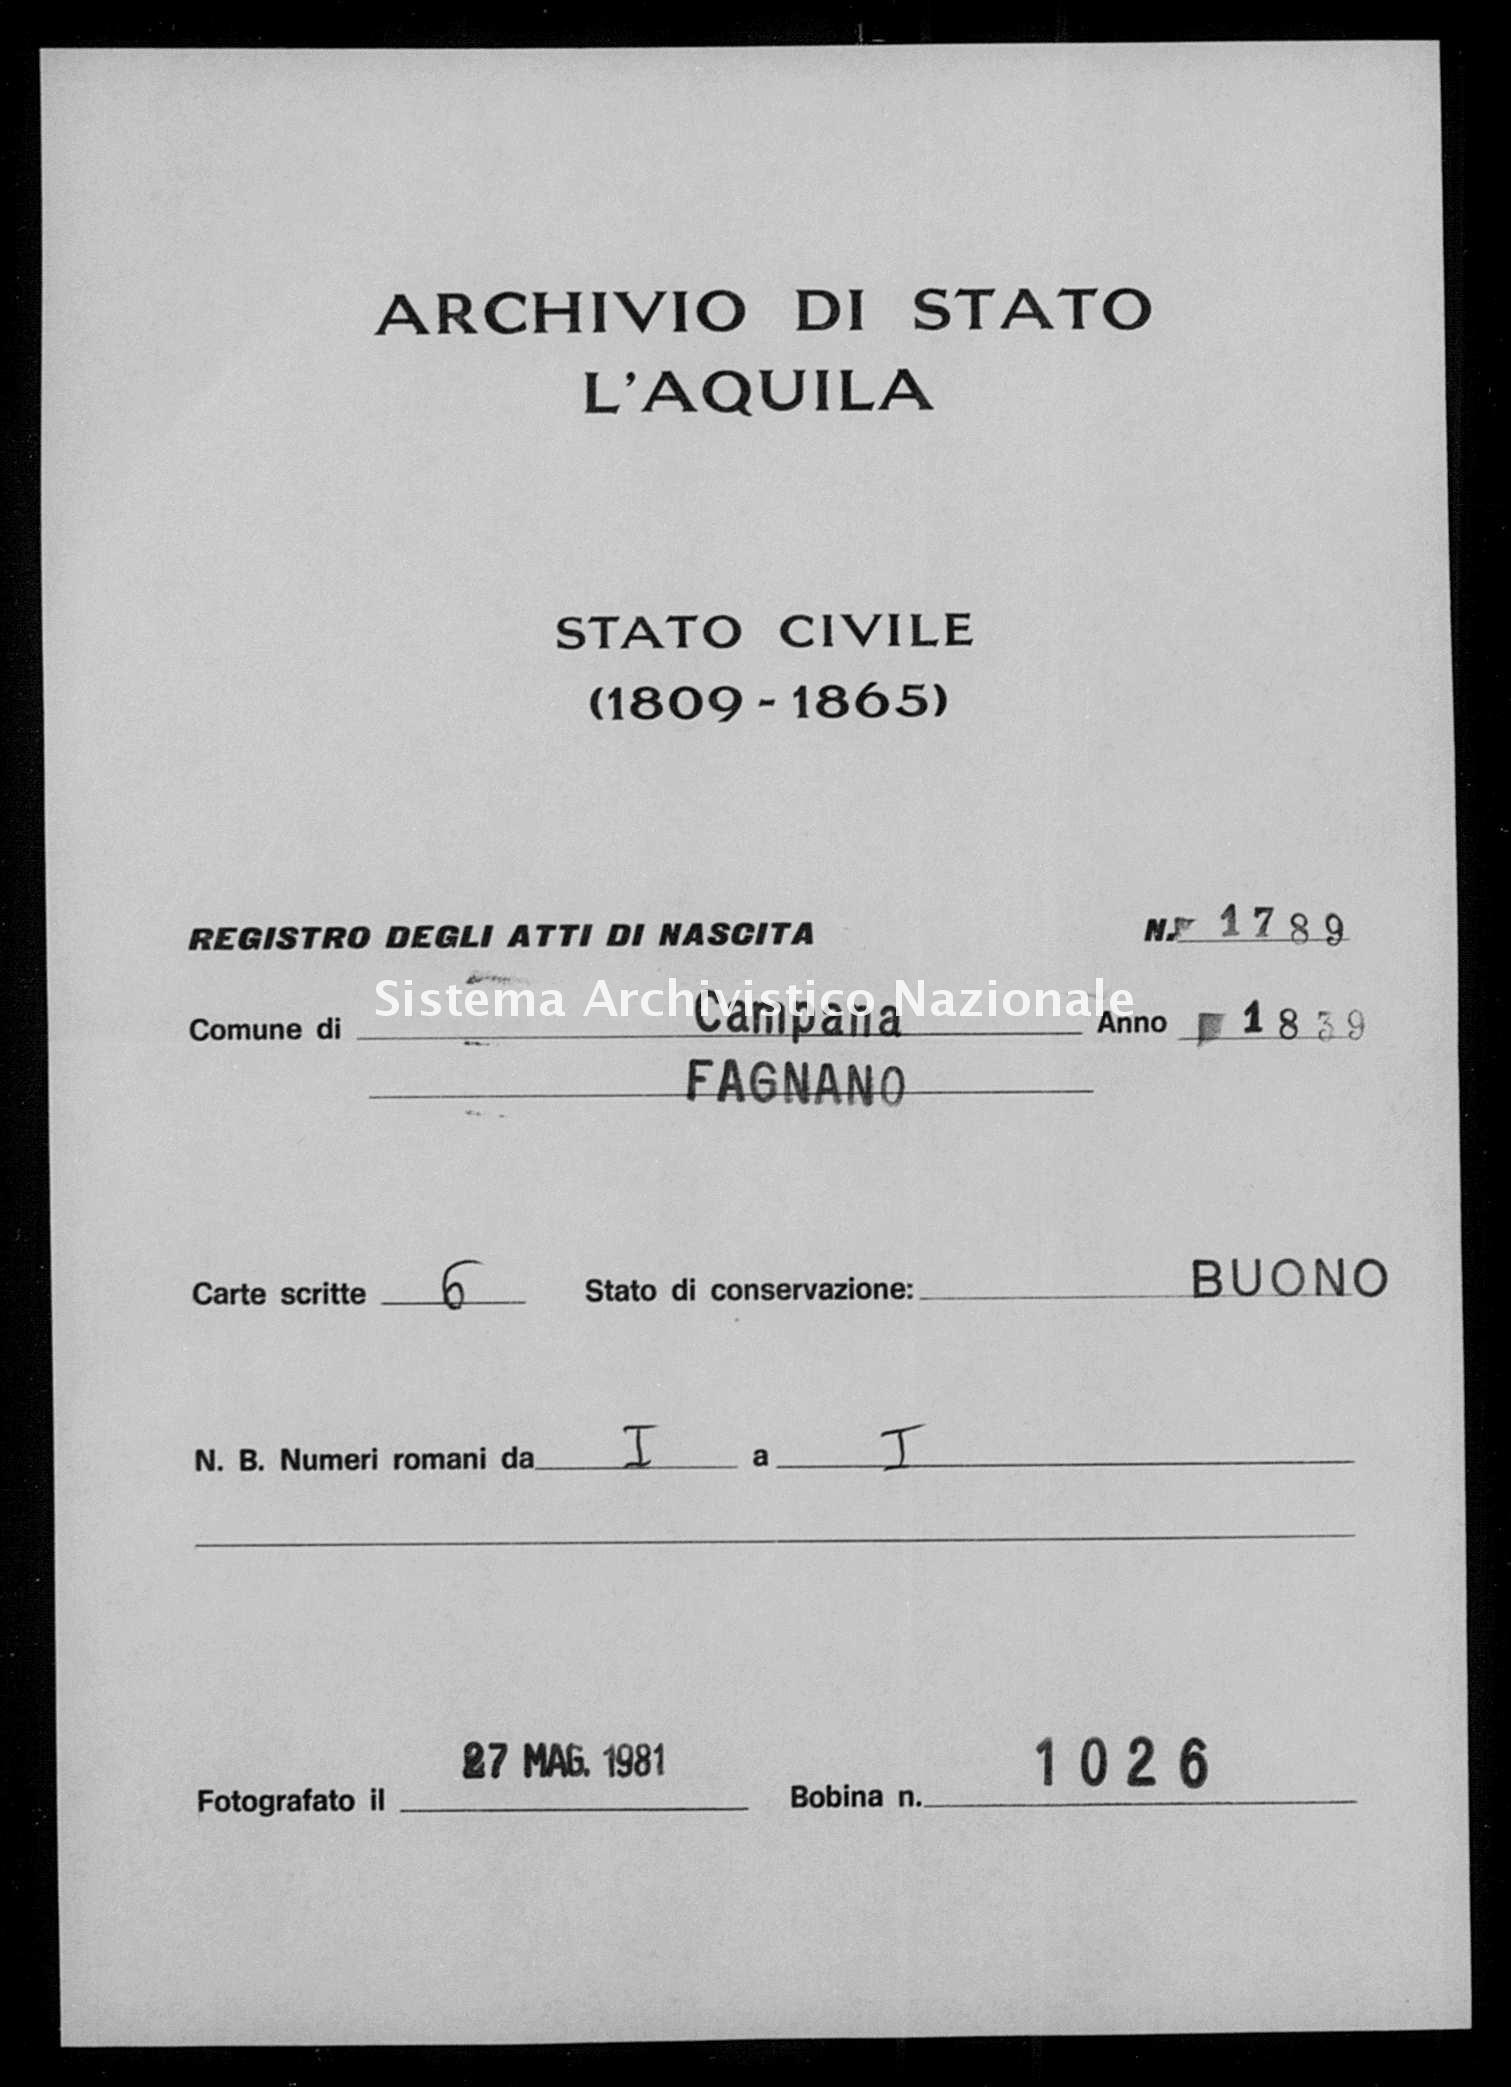 Archivio di stato di L'aquila - Stato civile della restaurazione - Campana - Nati - 1839 - 1789 -